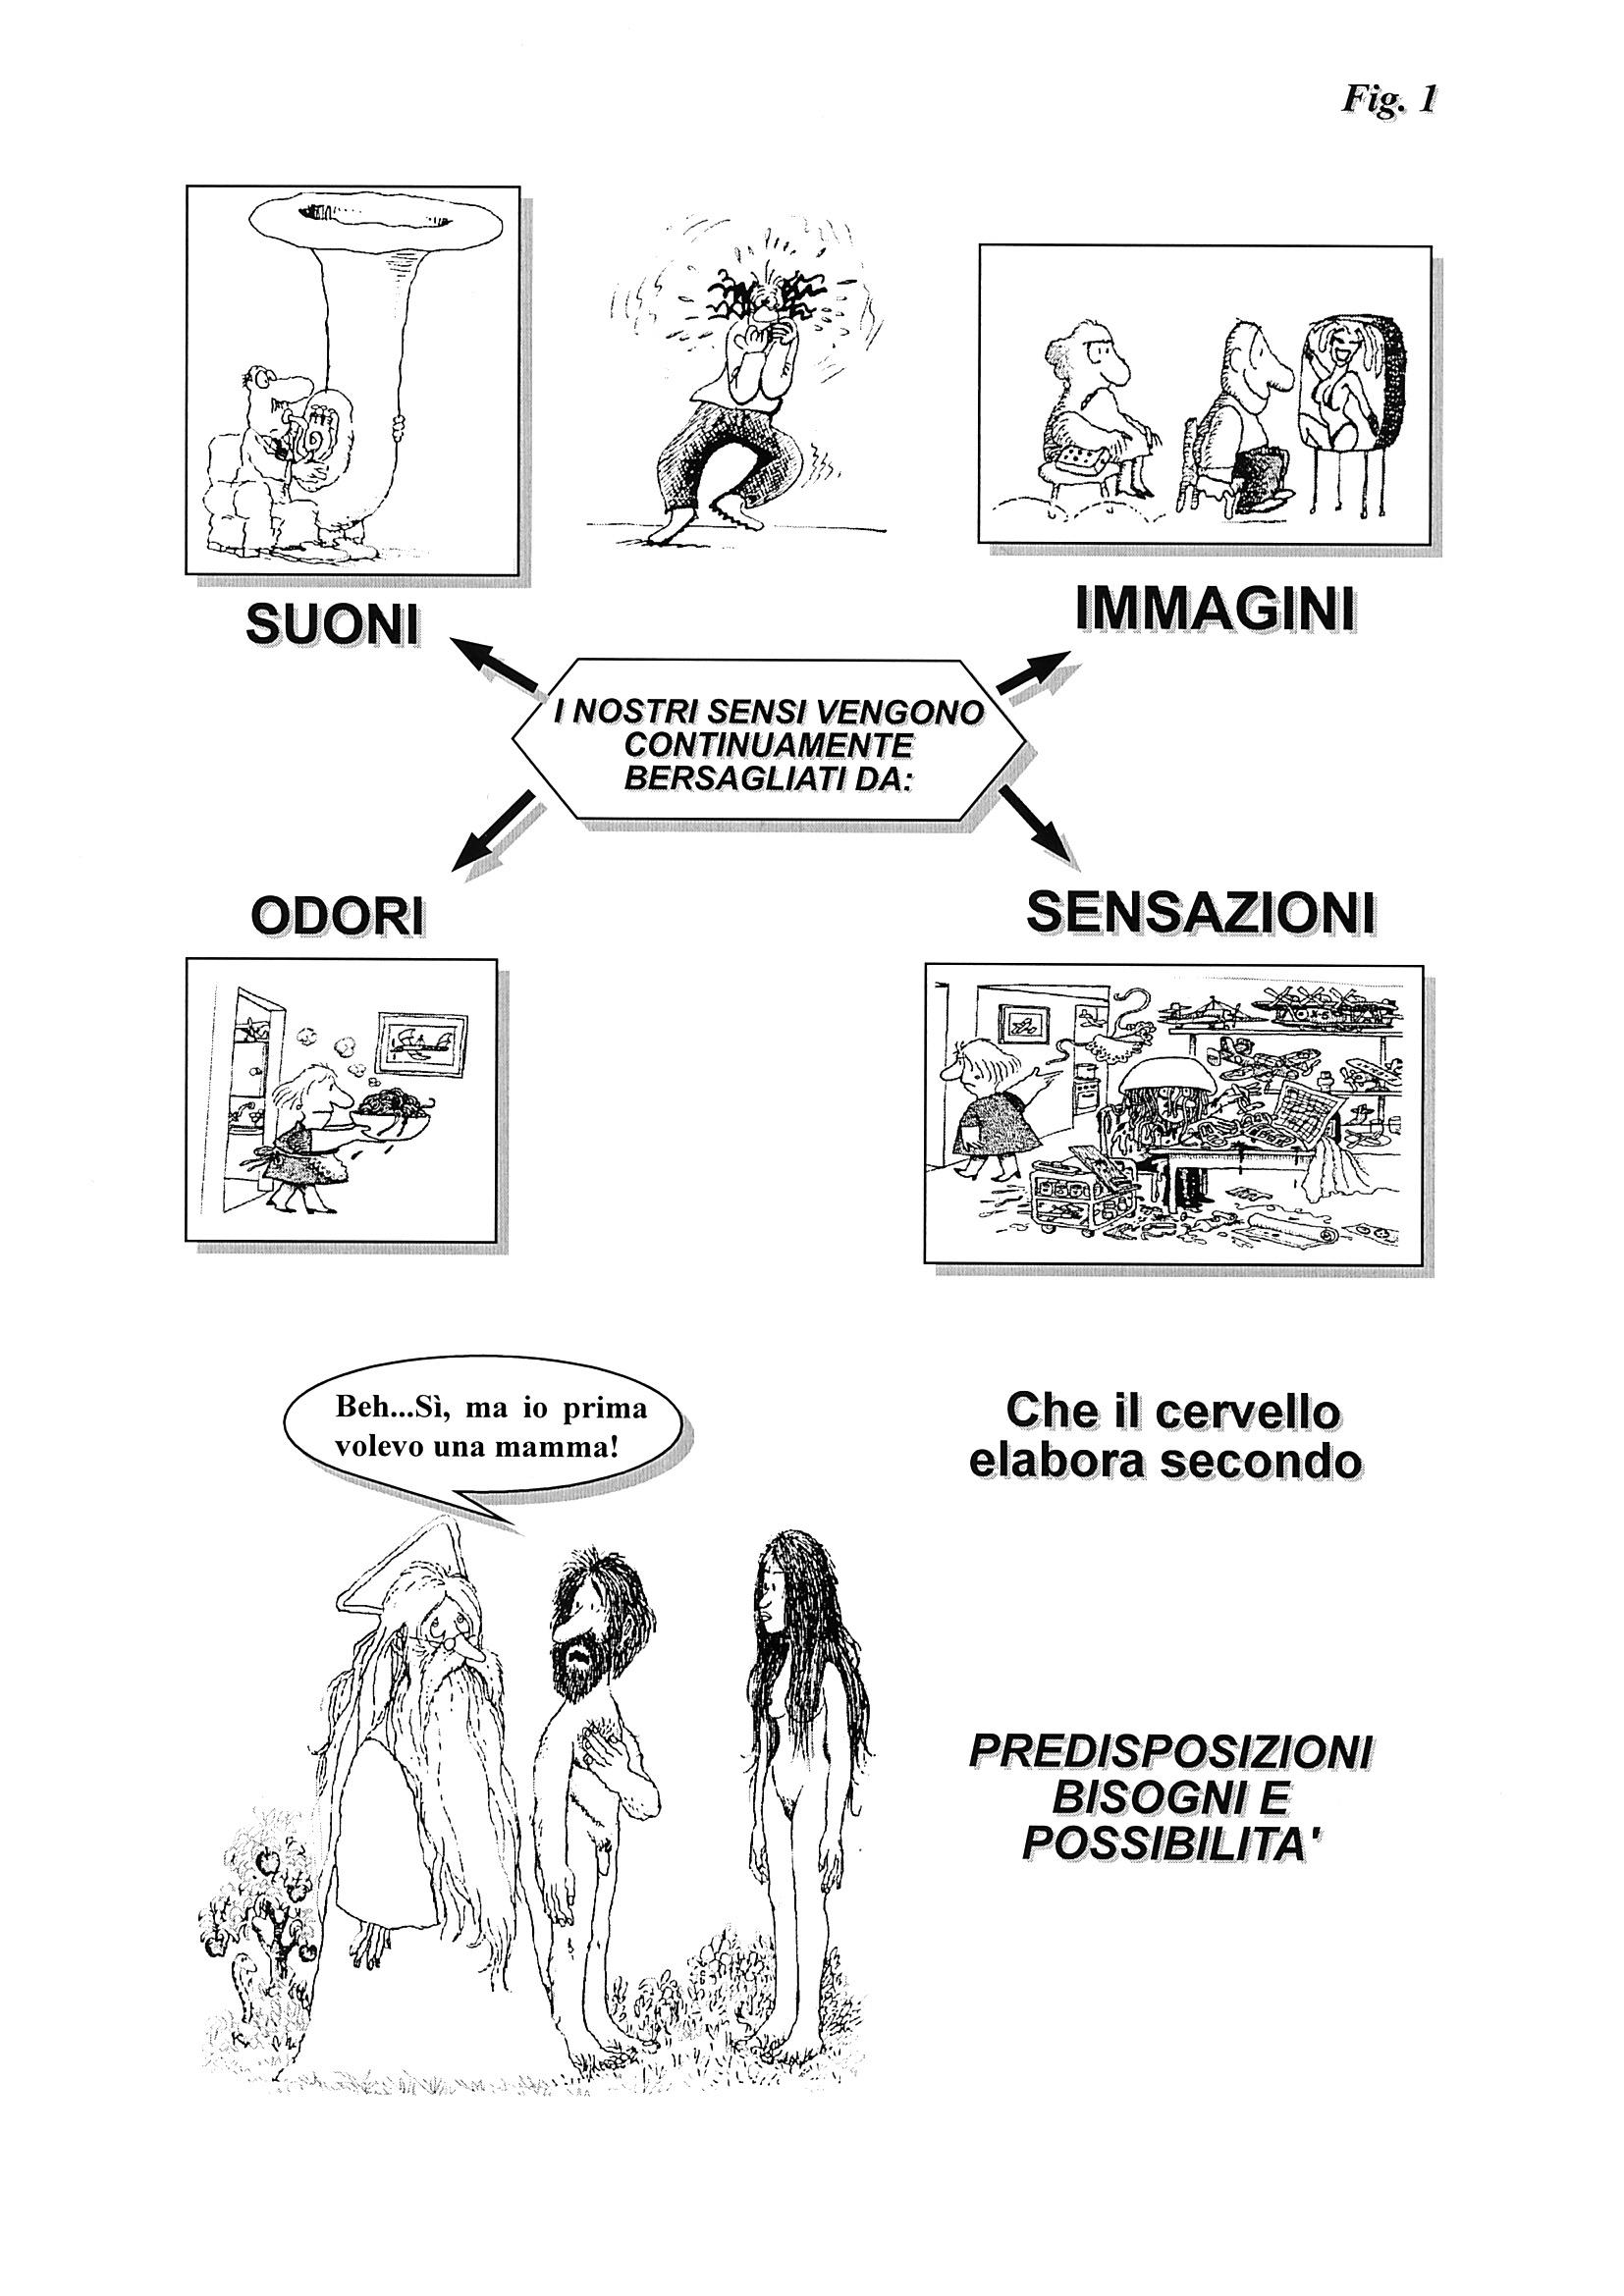 Scansione 1